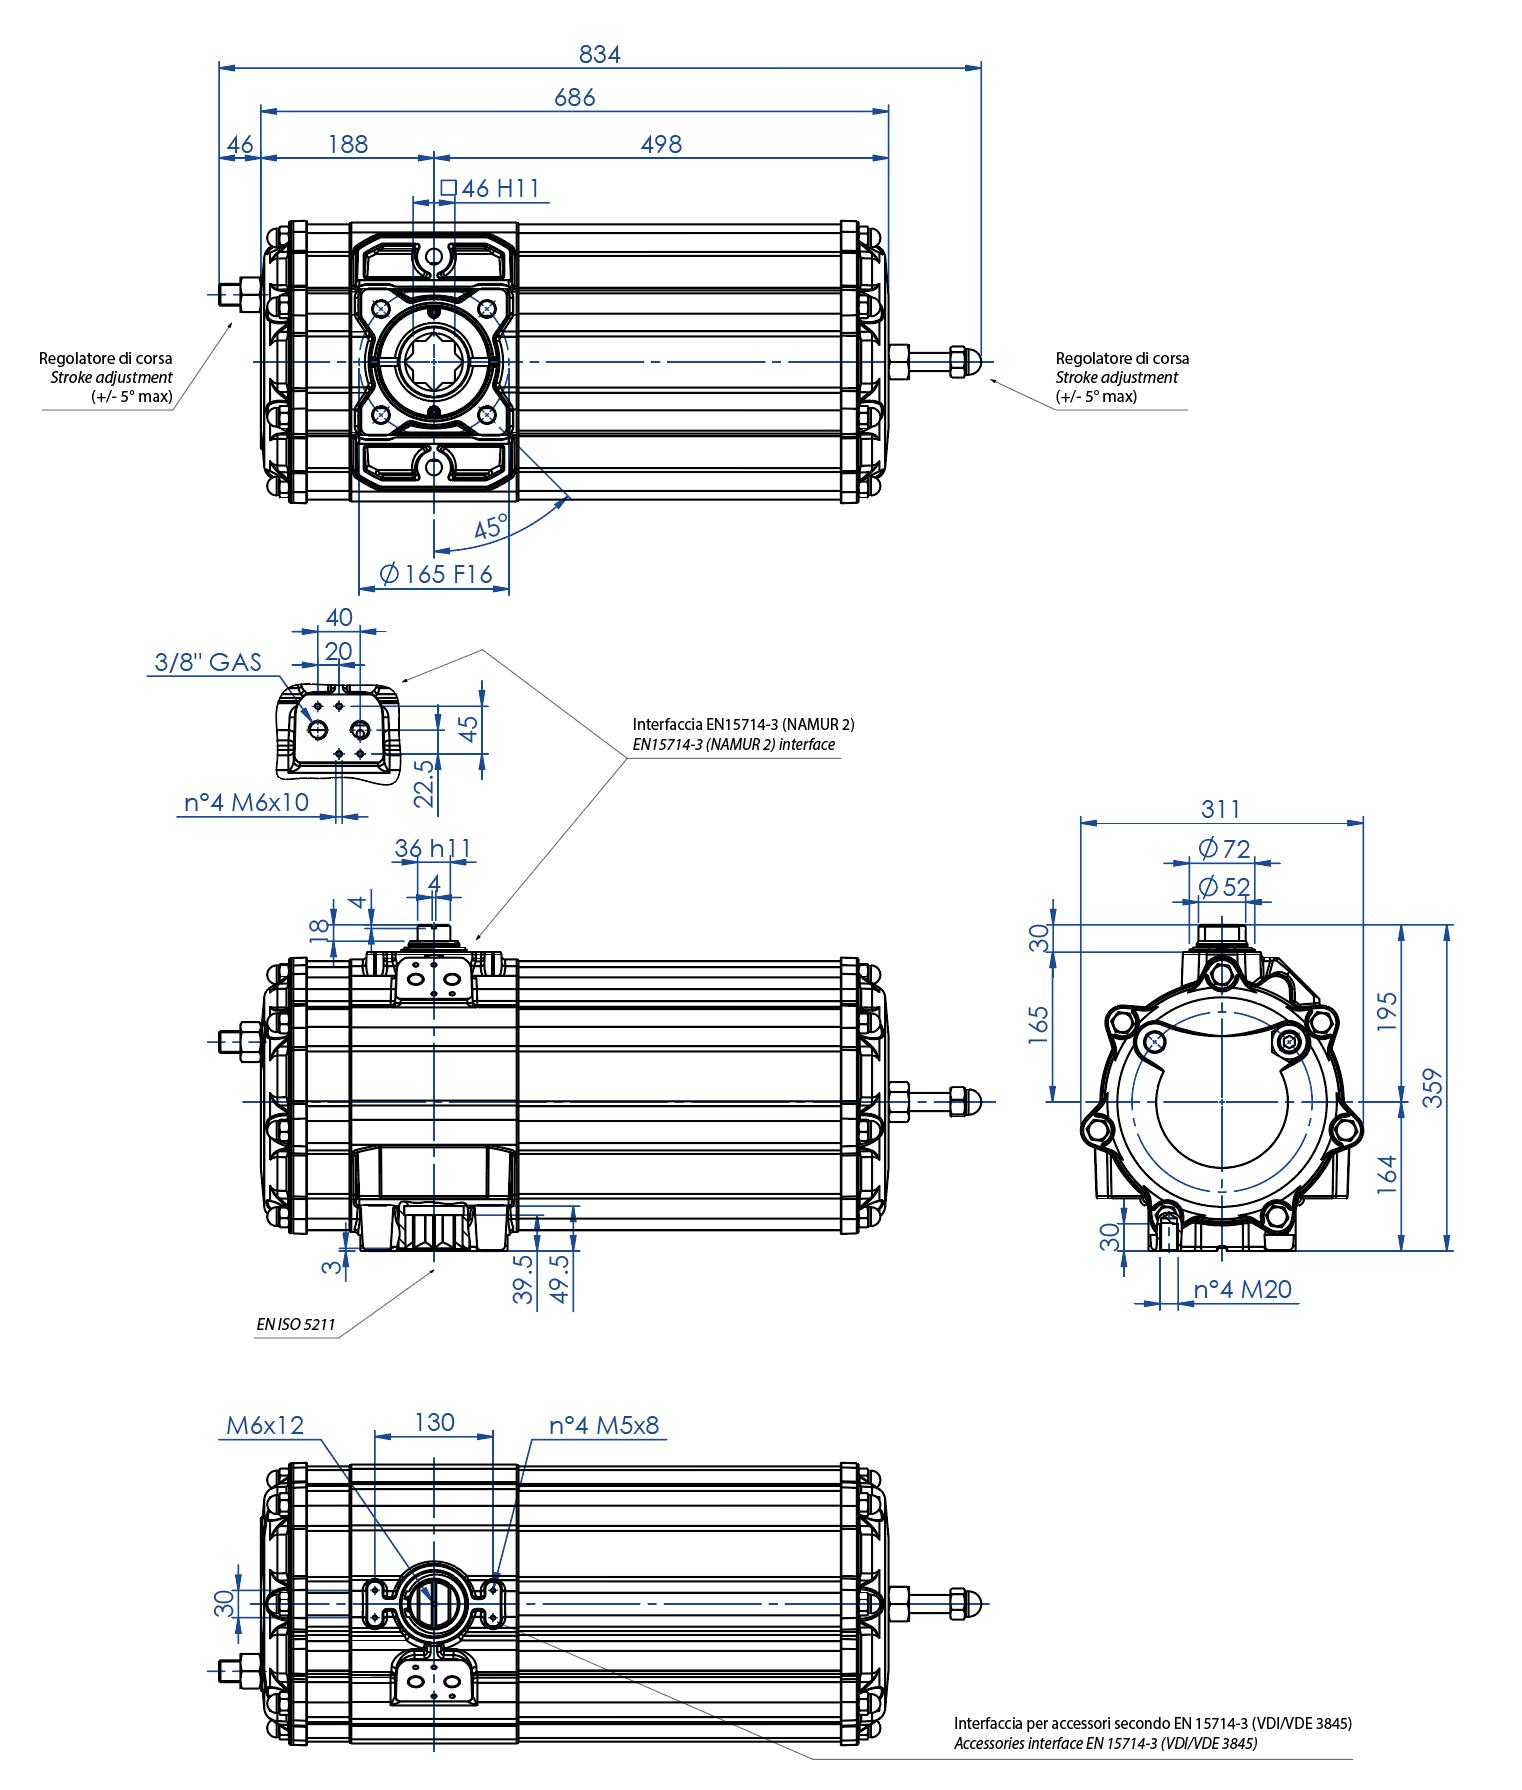 Alüminyum GS tek etkili pnömatik aktüatör - boyutlar - Tek etkili pnömatik aktüatör ölçü GS 1440 (Nm)